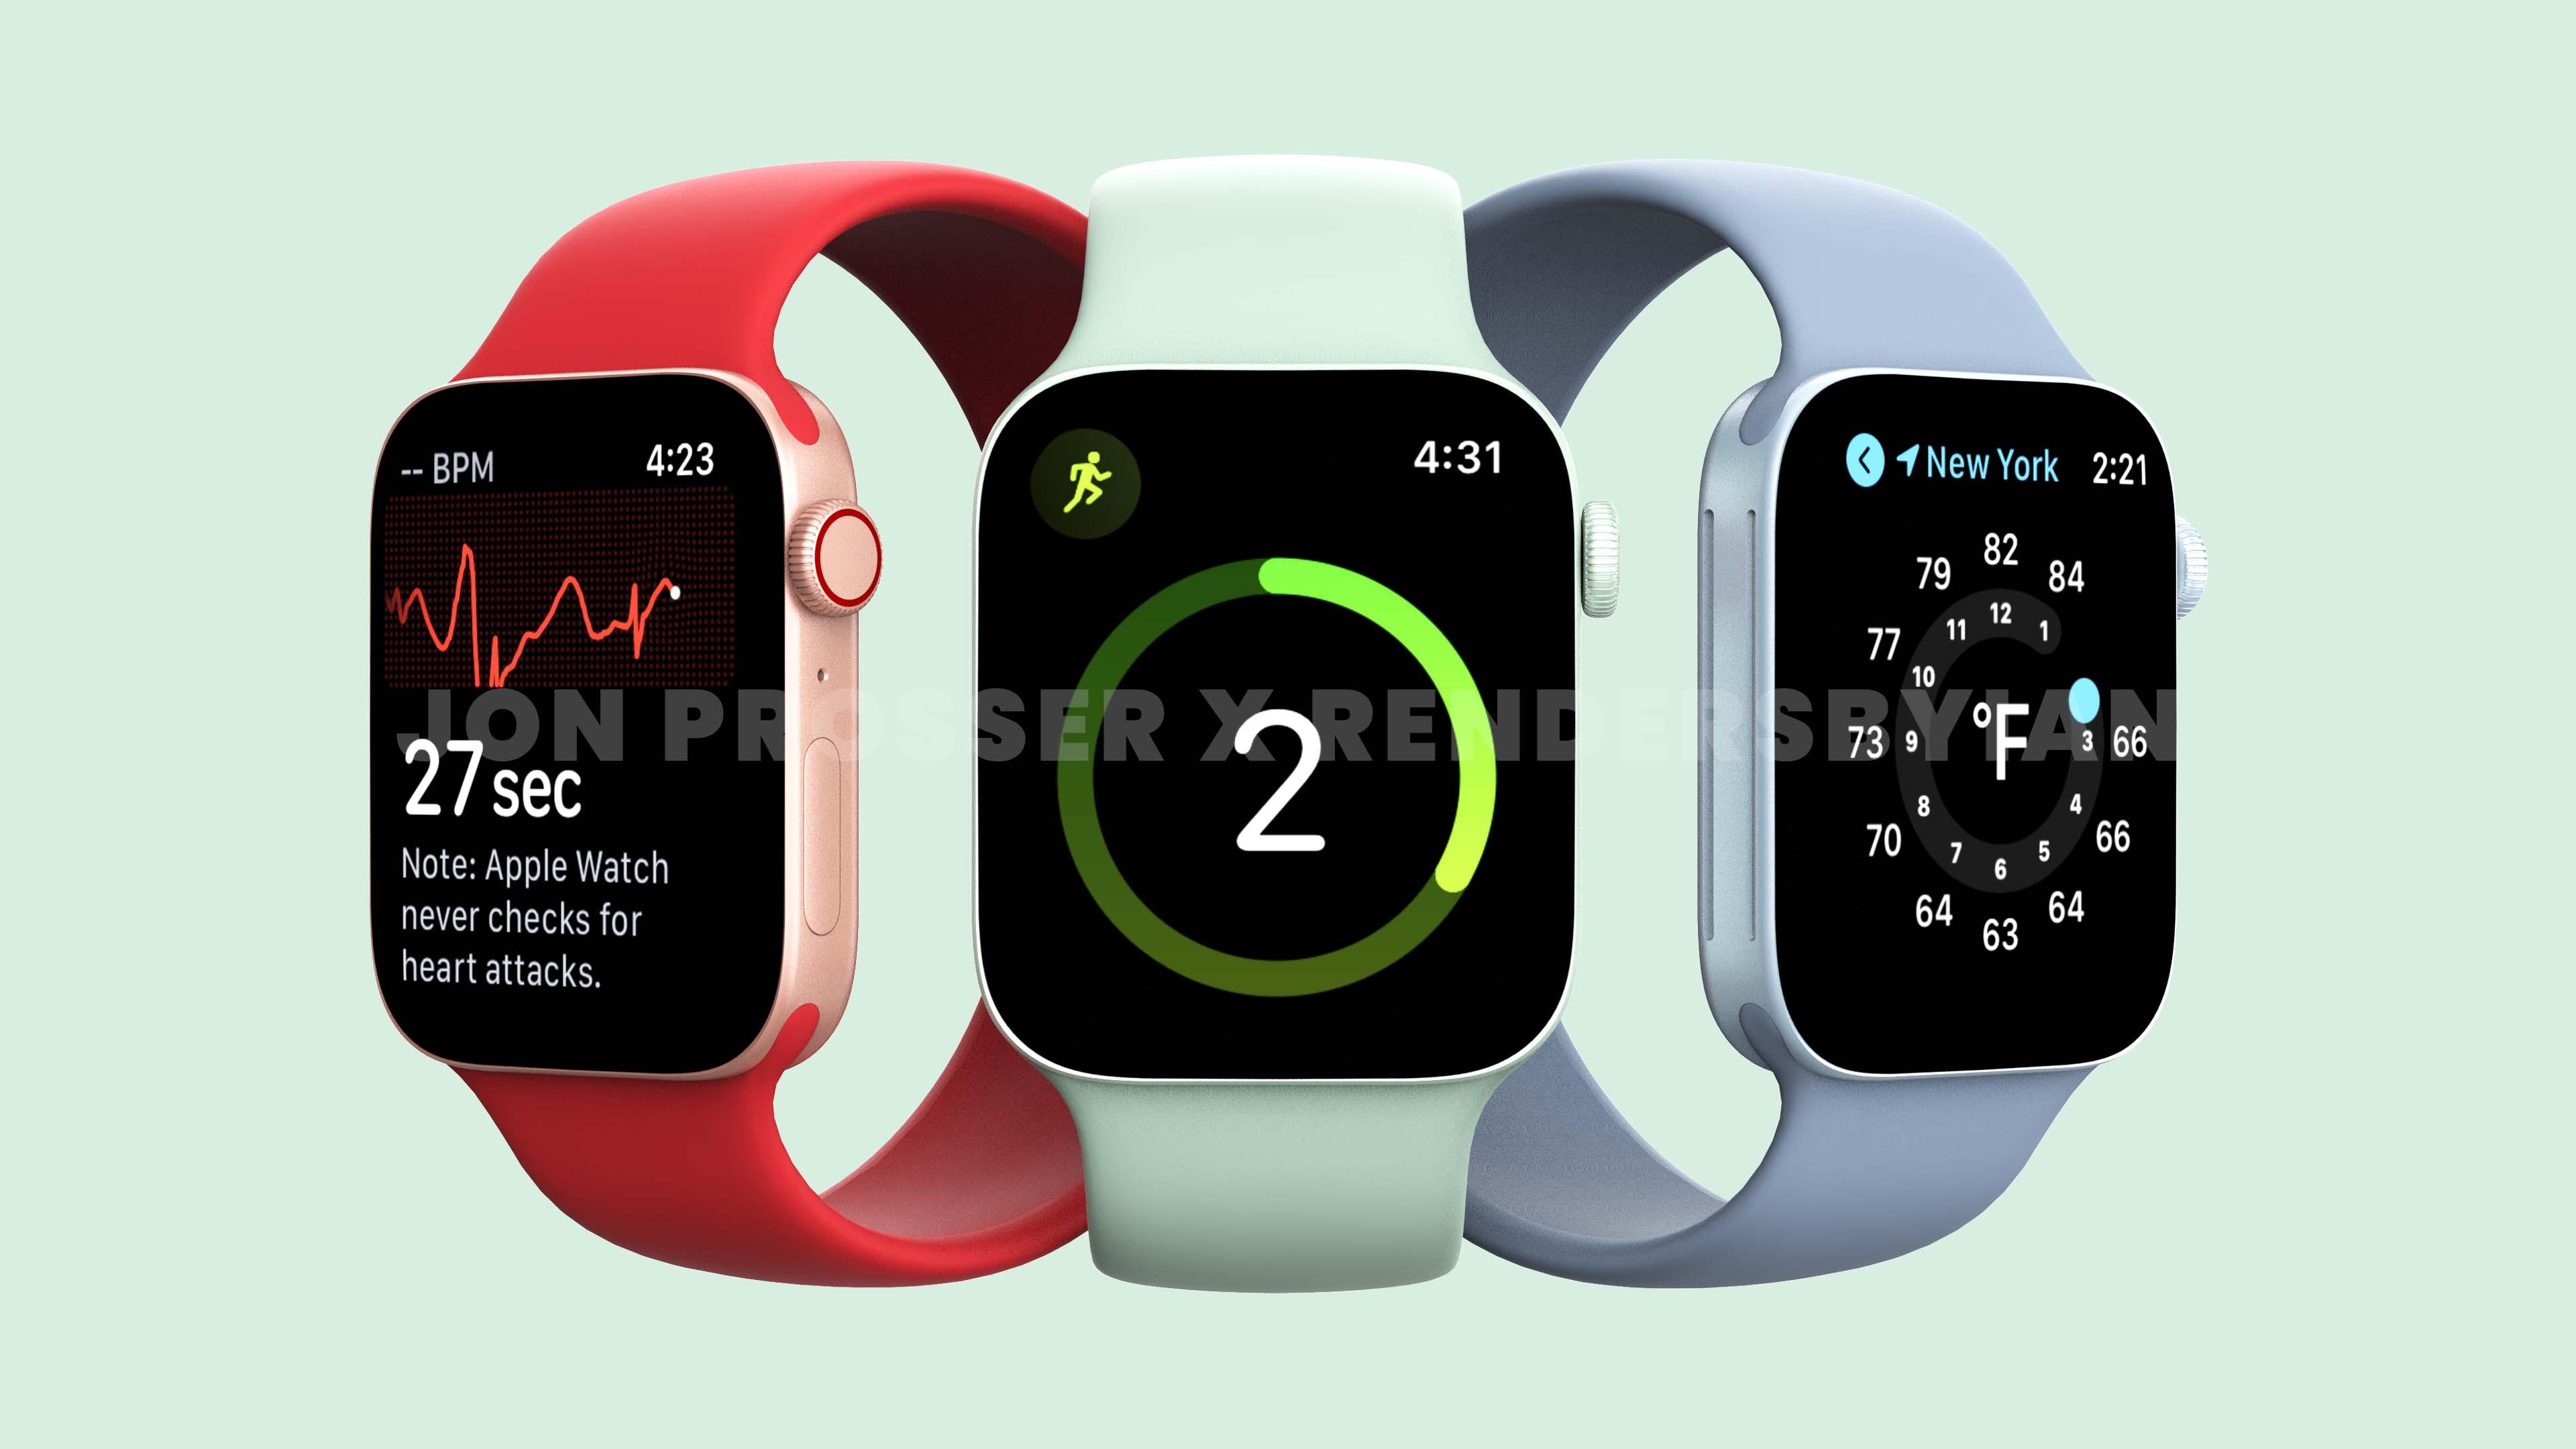 Apple Watch Series 7 появились на качественных рендерах с дизайном, как у iPhone 12